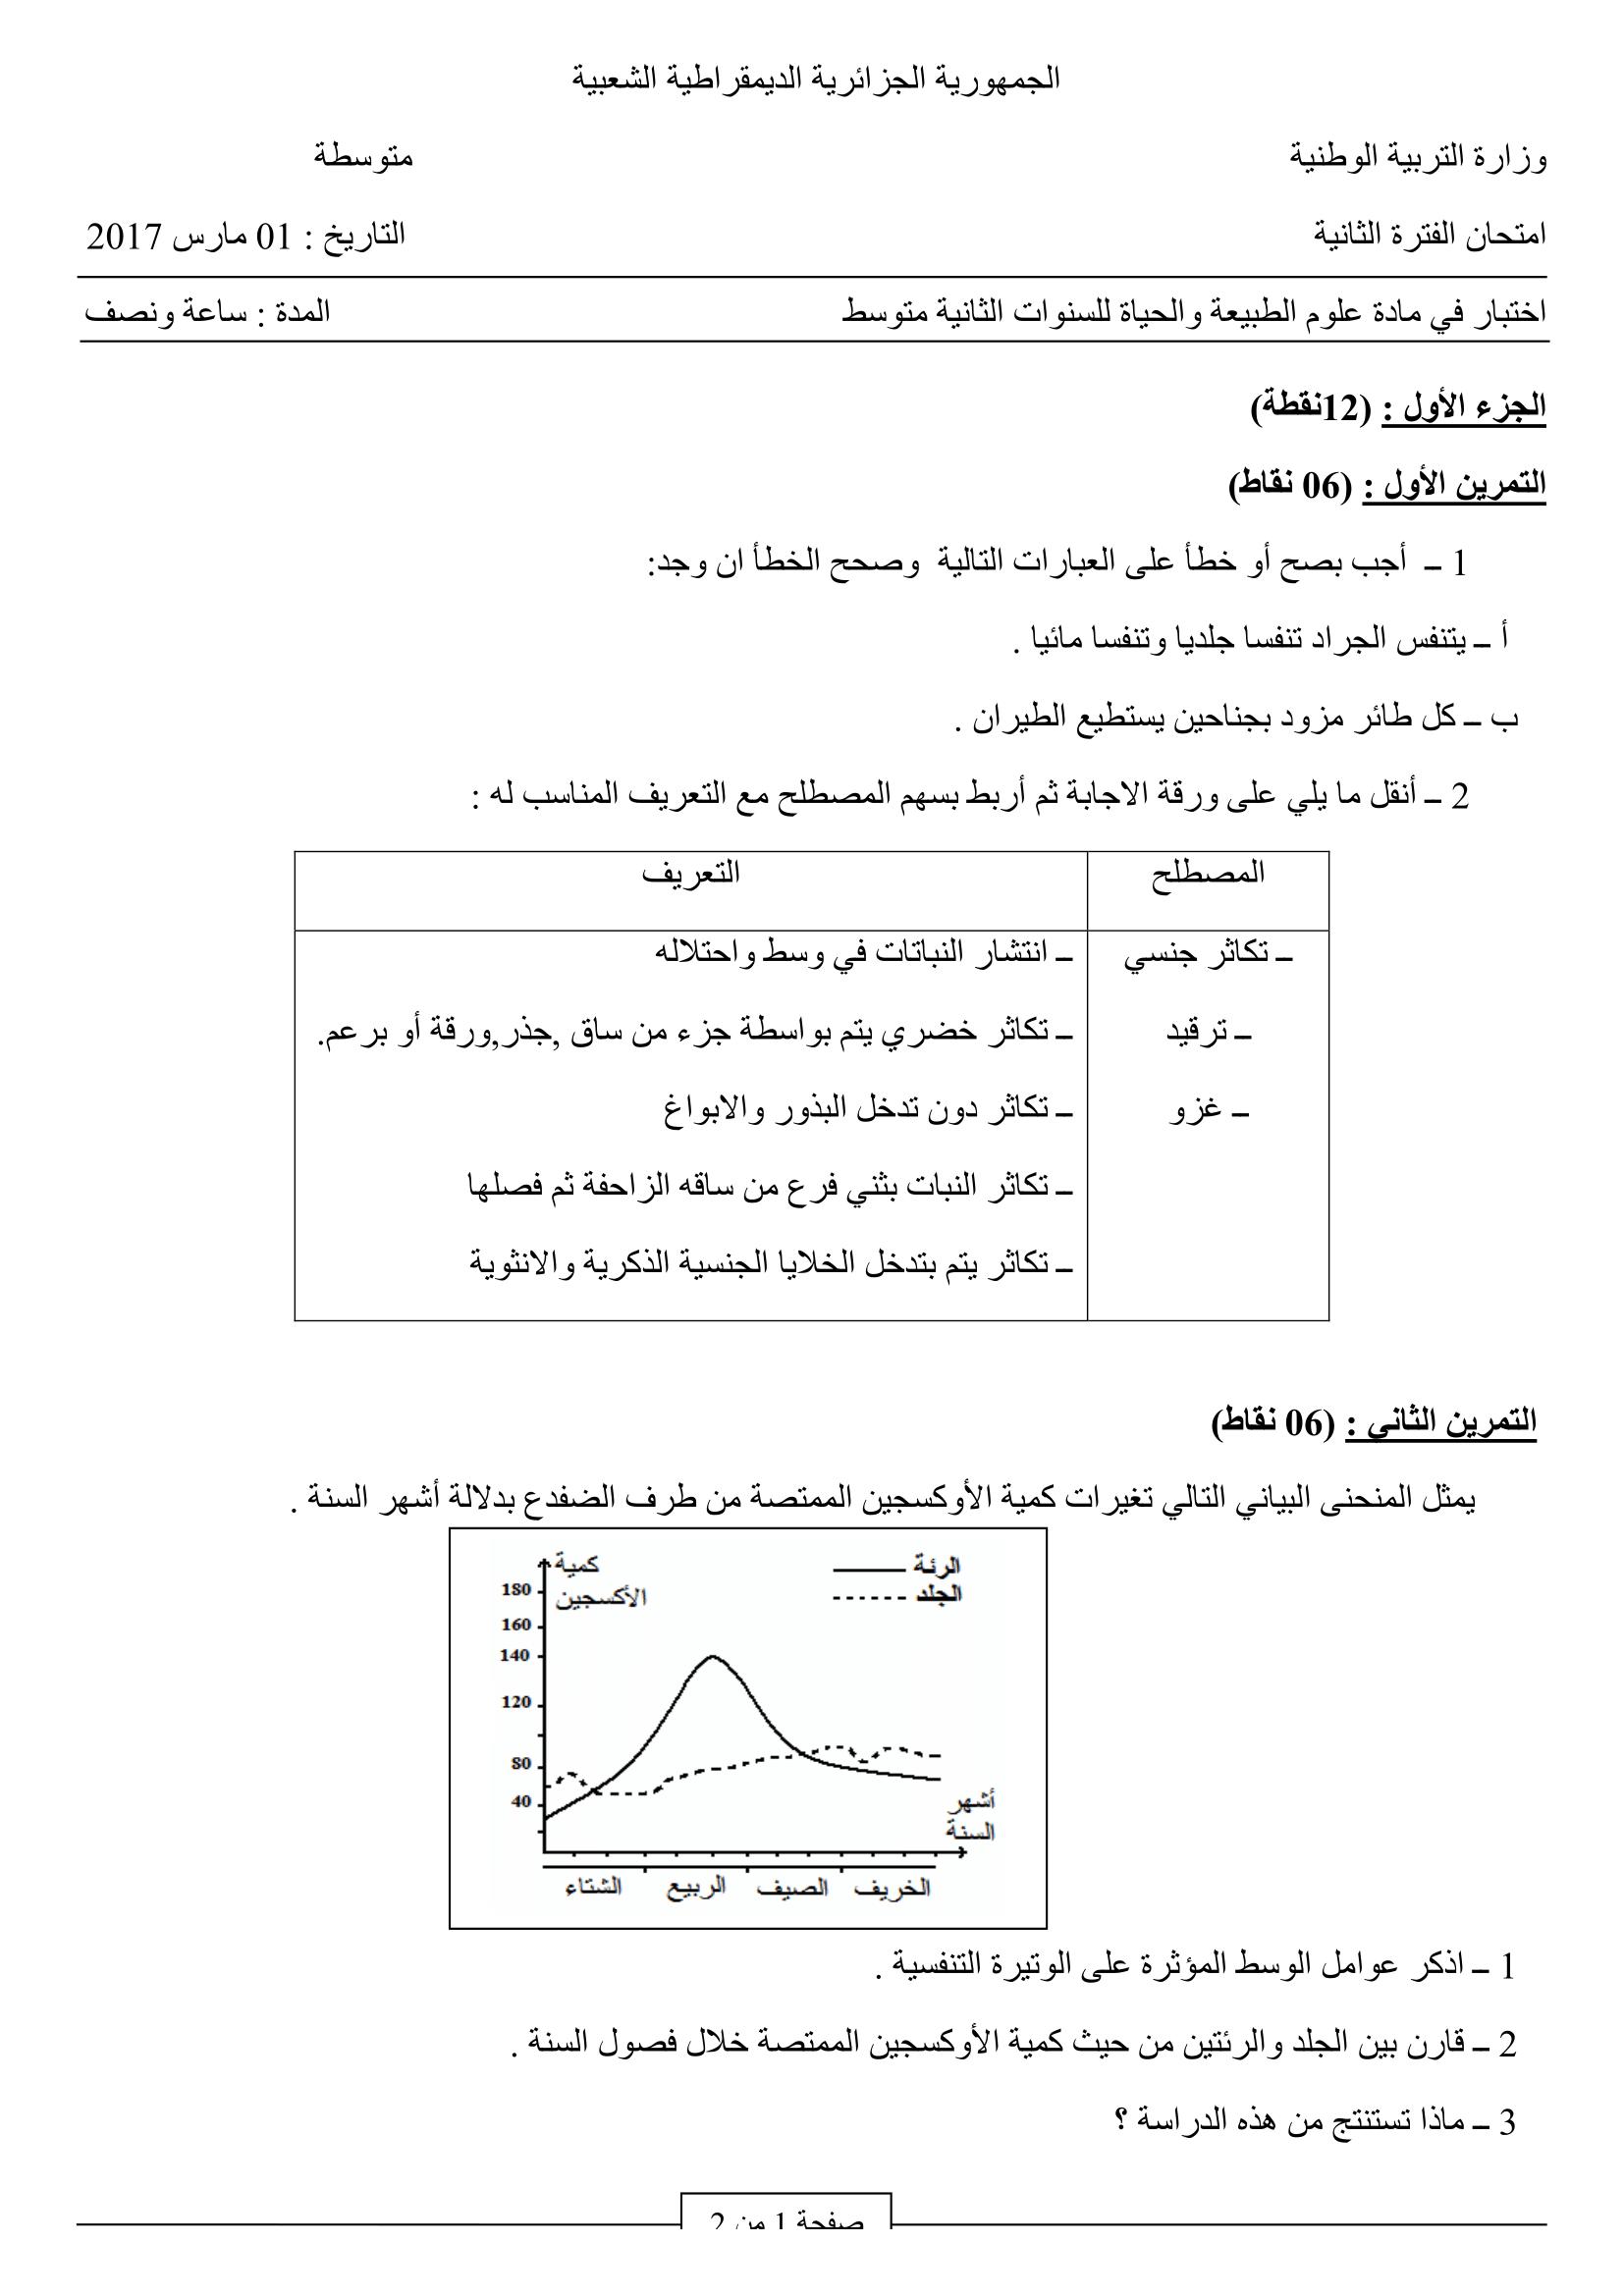 فروض و اختبارات السنة الثانية متوسط مادة العلوم الطبيعية الفصل الثاني 2016 2017 النموذج 09 Bullet Journal Exam Journal